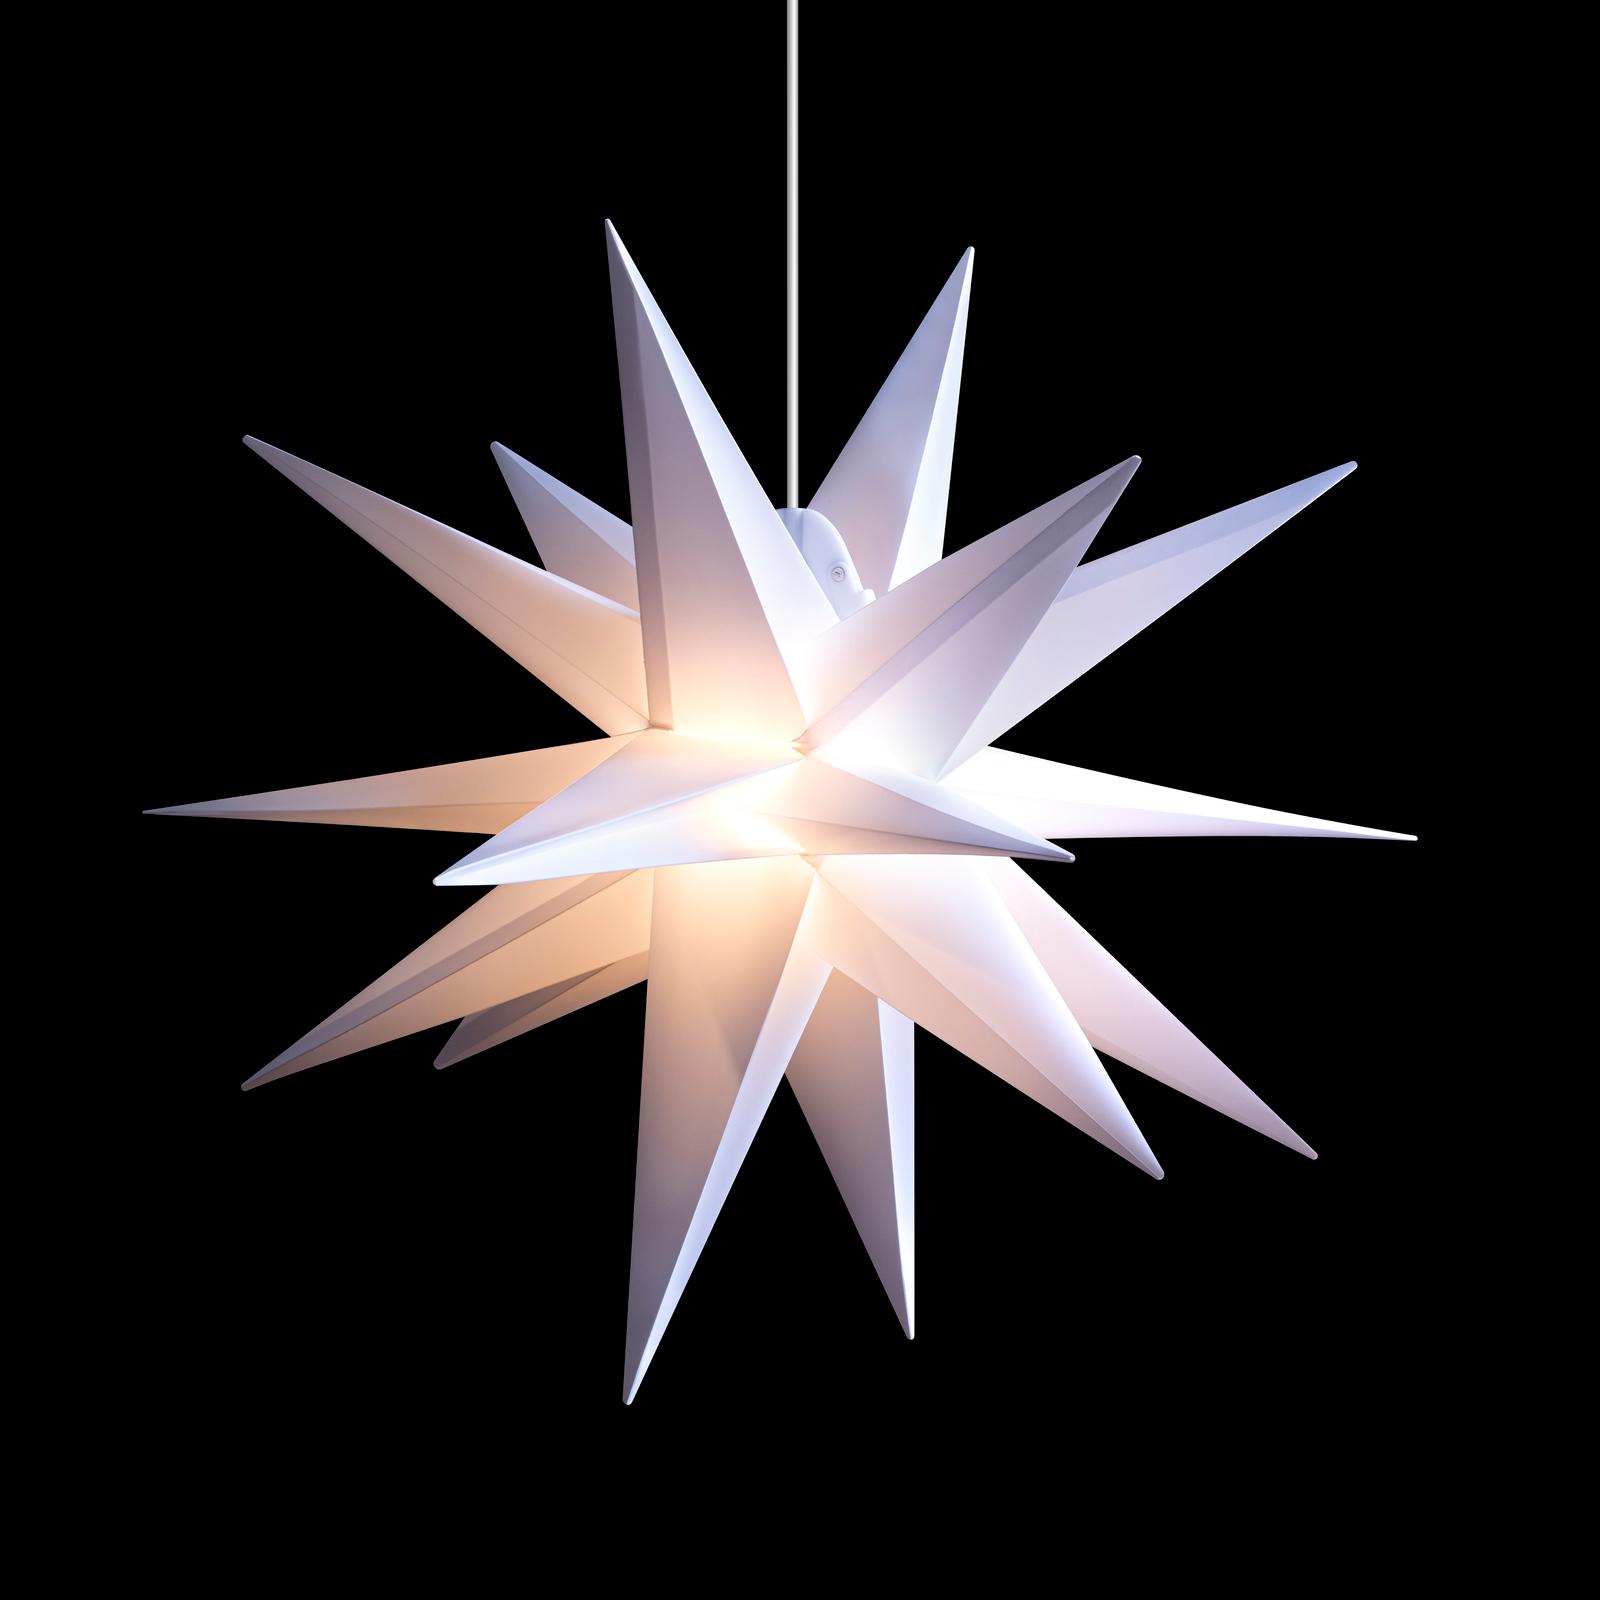 LED-Stern für außen, 18-Zacker, weiß, Ø 55 cm